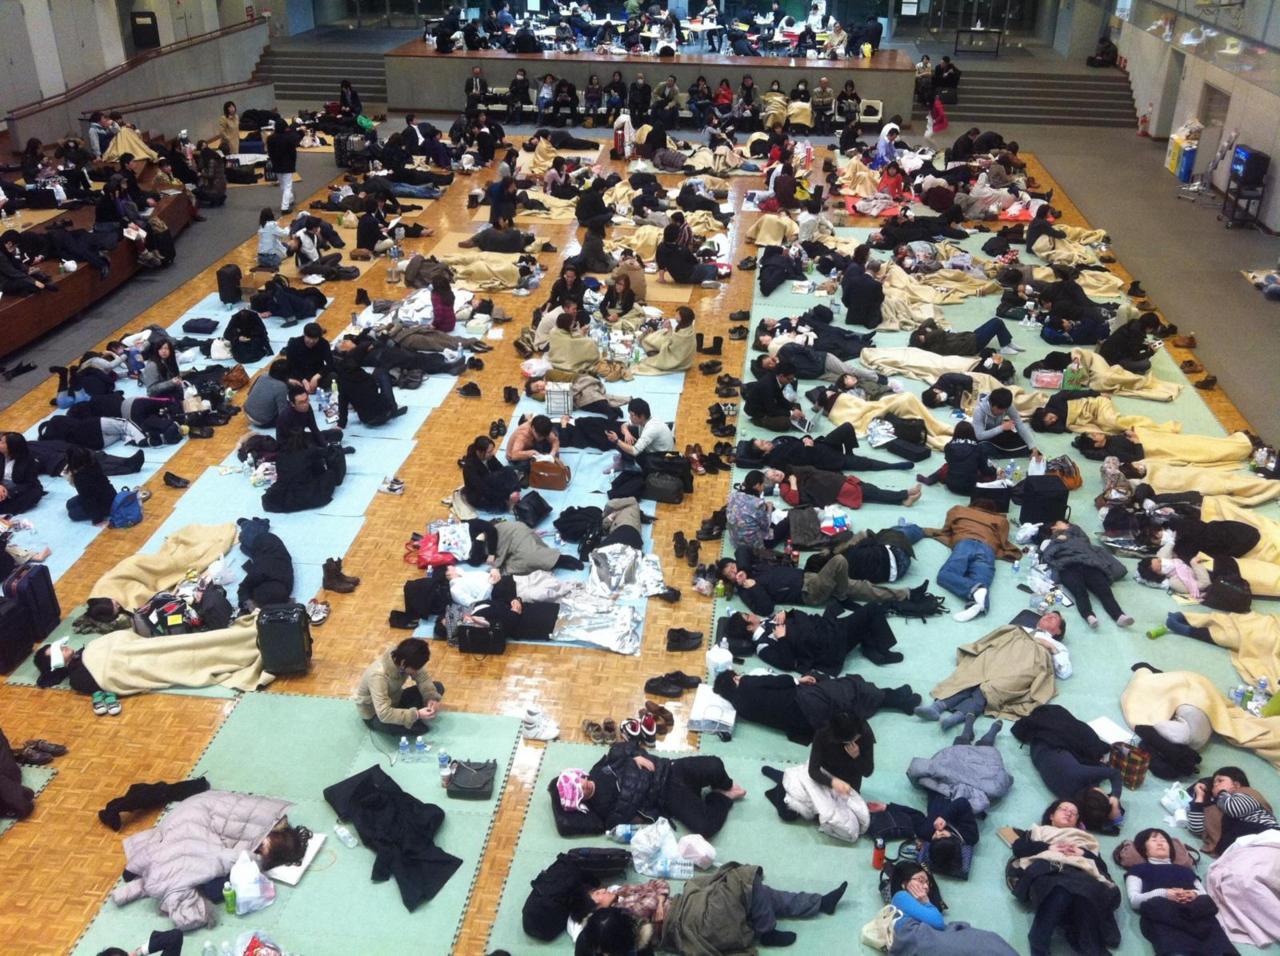 2011/3/12 0:01 大学ホール